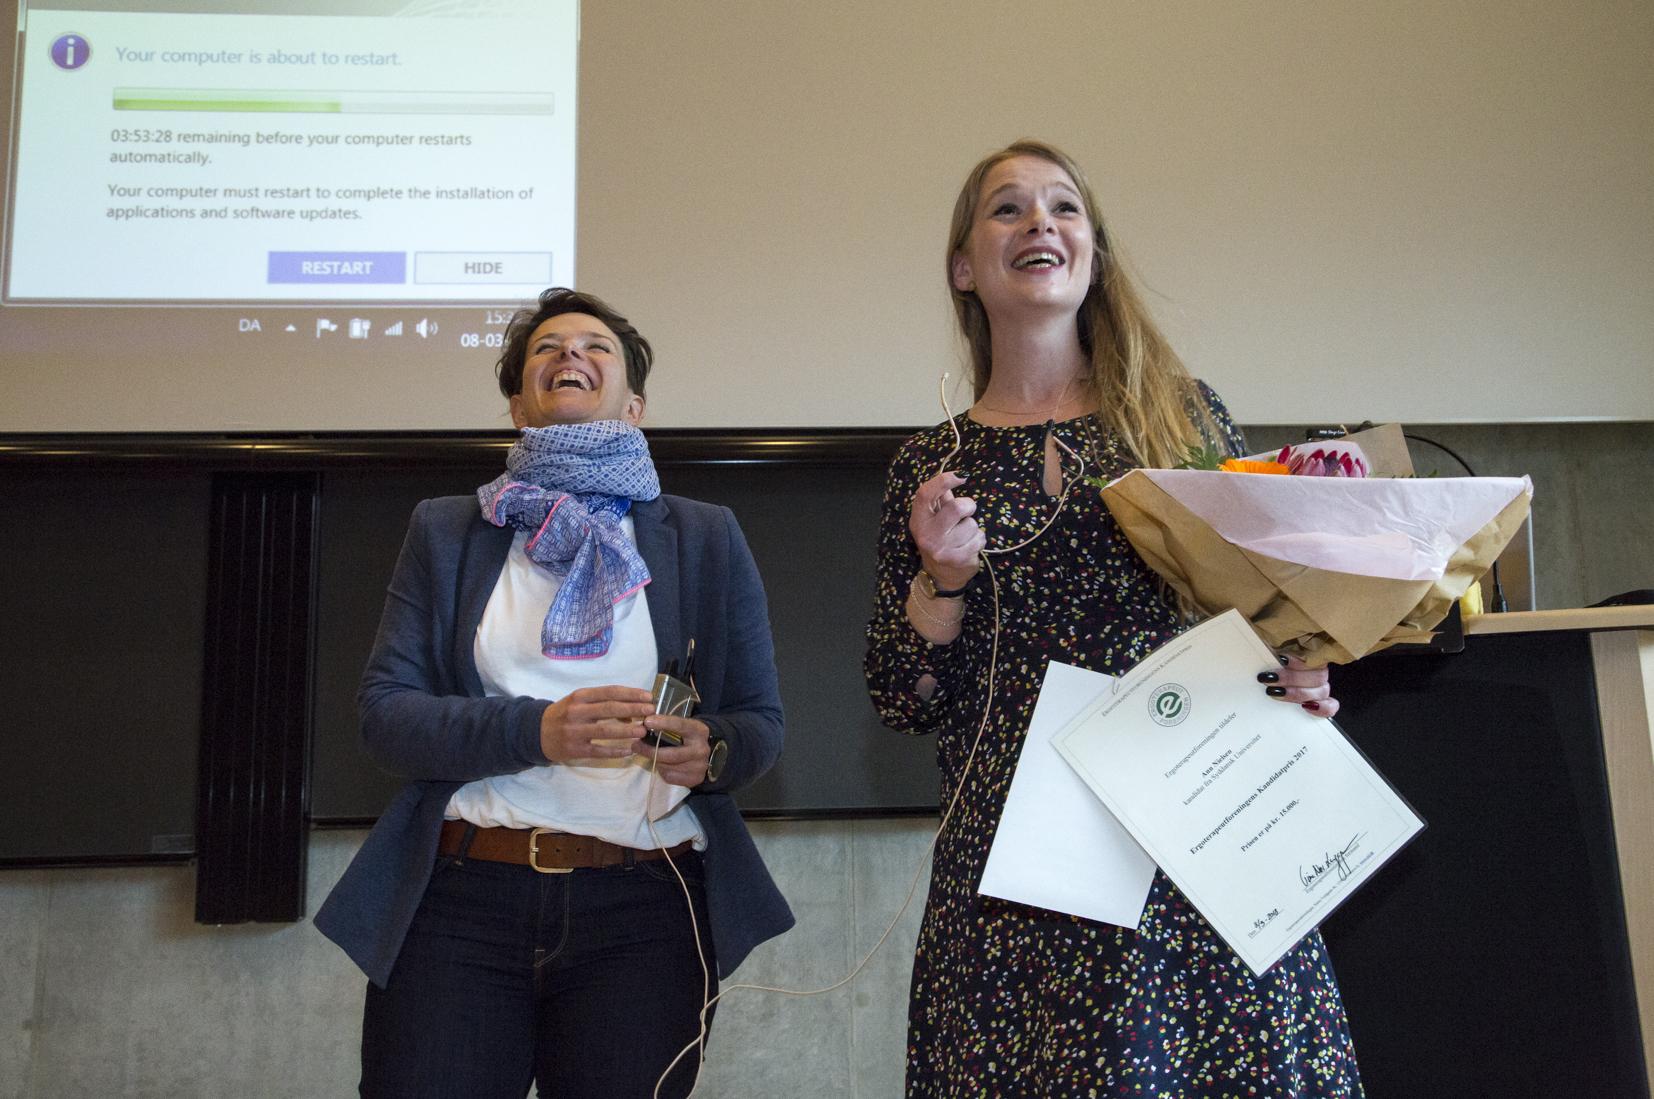 Vinder af Ergoterapeutforeningens kandidatpris 2018 blev Ann Nielsen, der fik prisen overrakt af næstformand Lotte Lagoni.